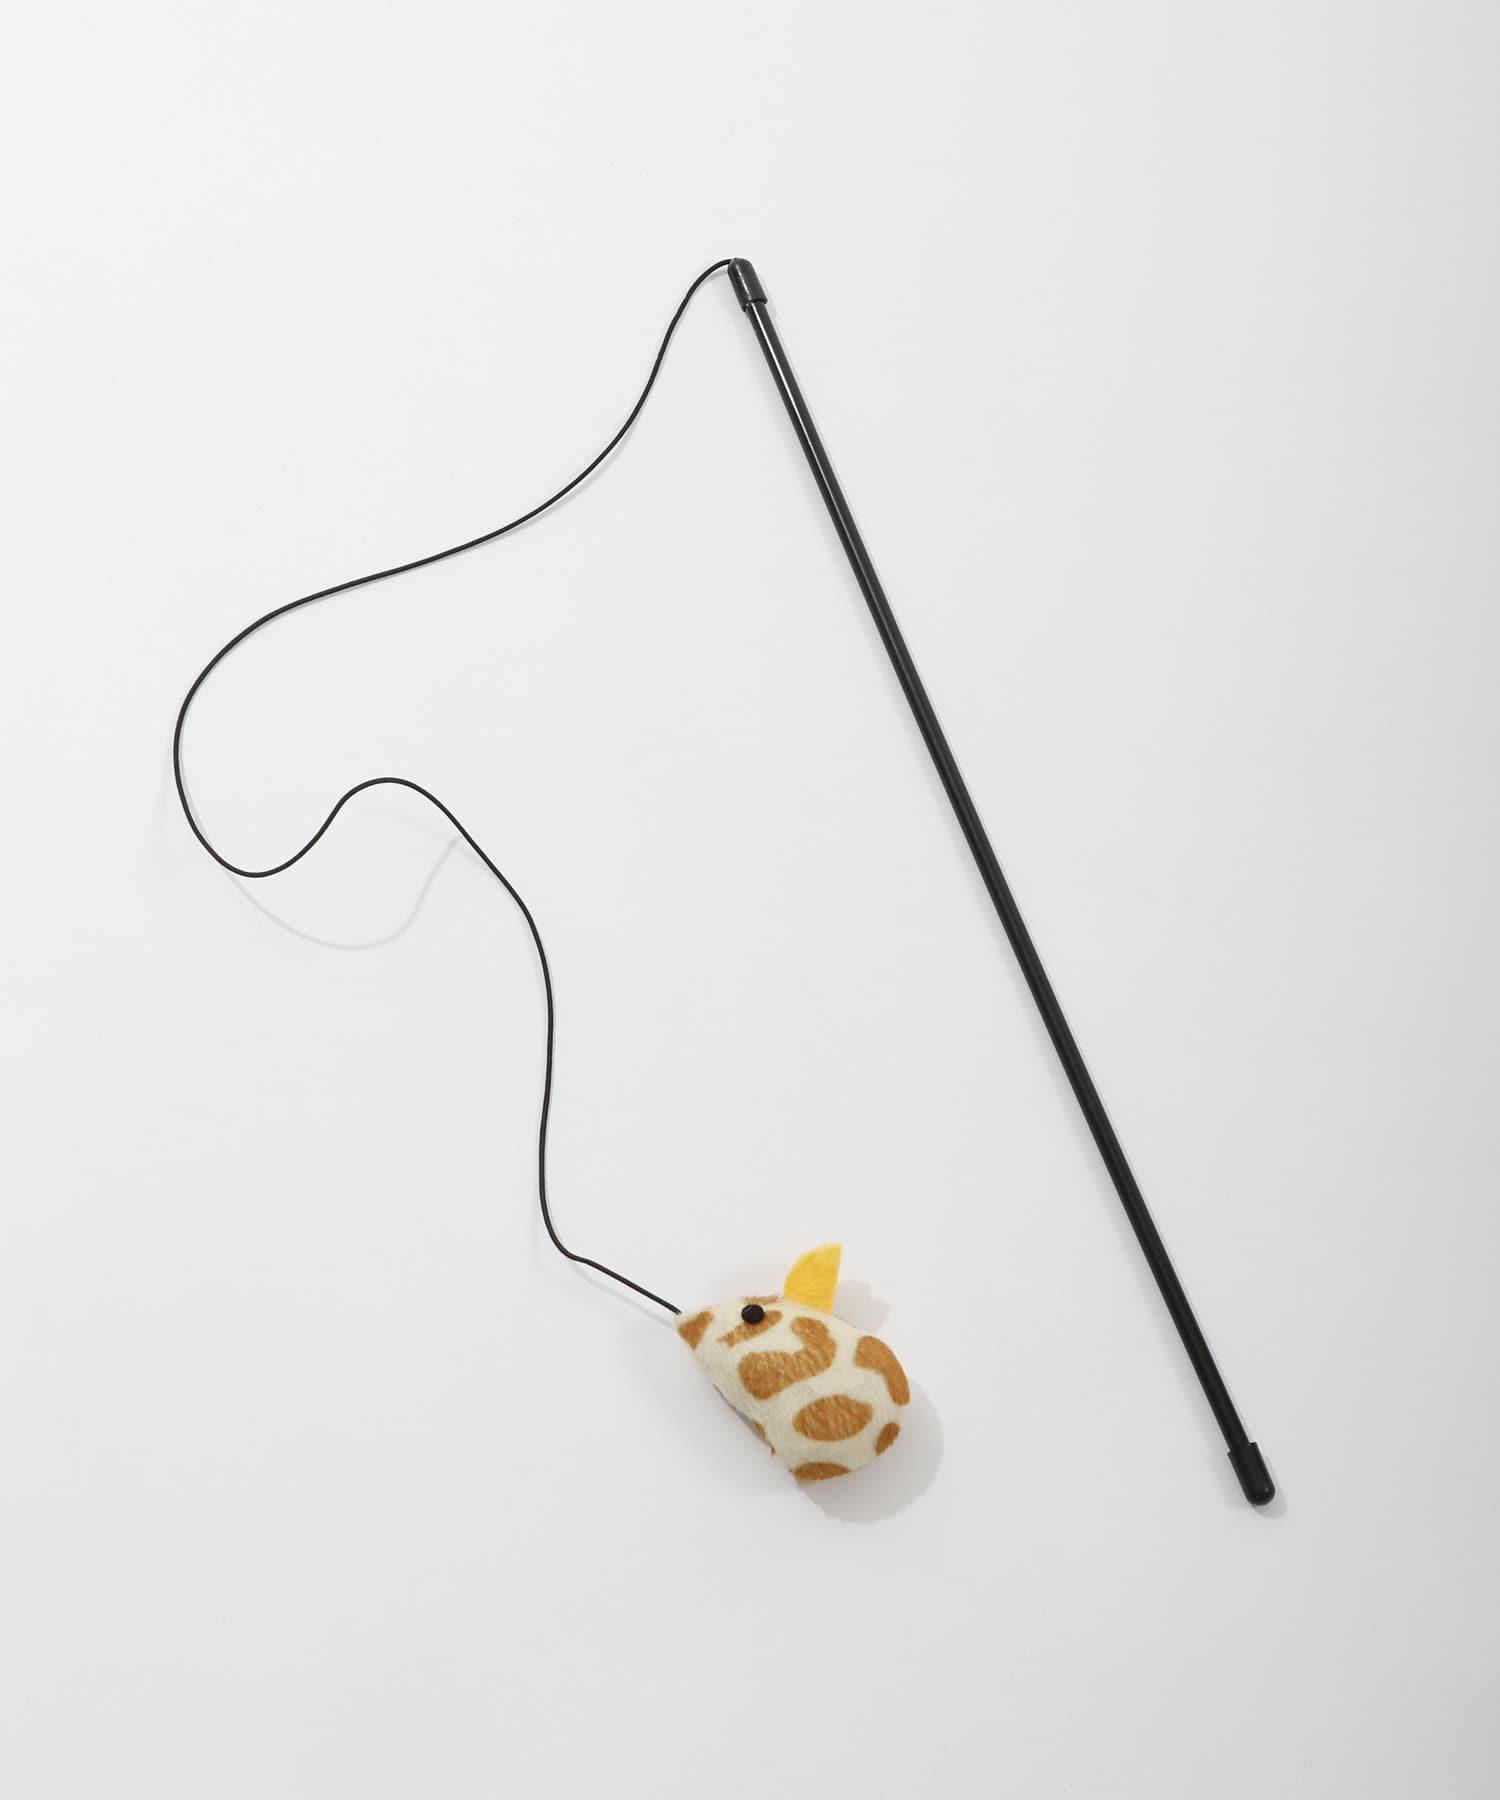 3COINS(スリーコインズ) ライフスタイル ペット用おもちゃスティックマウス2個SET その他